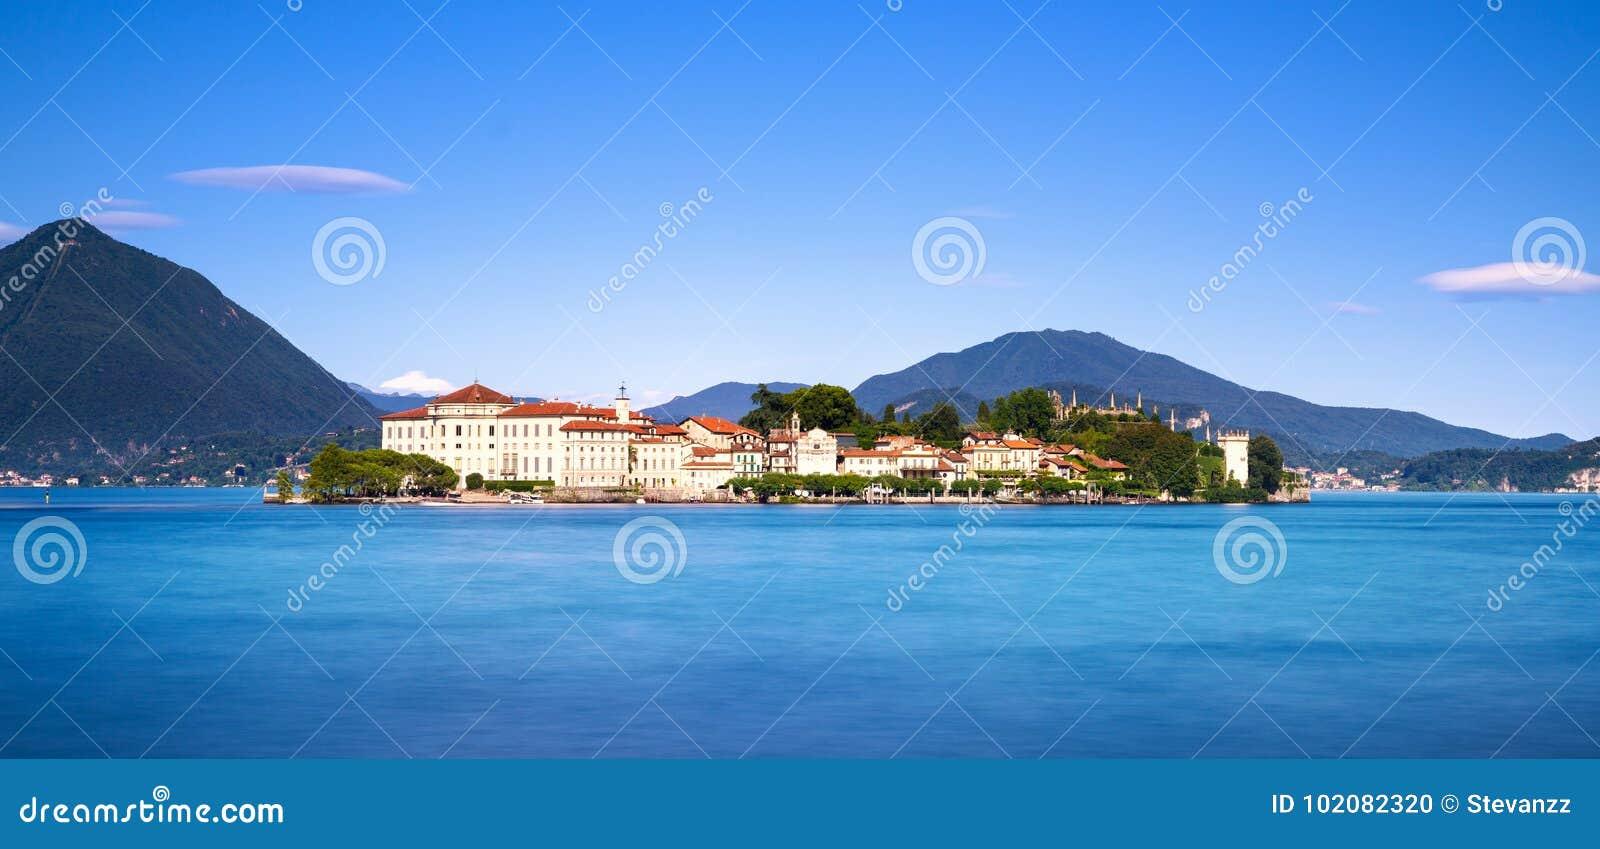 Insel Isola Bella im Maggiore See, Borromean-Inseln, Stresa P